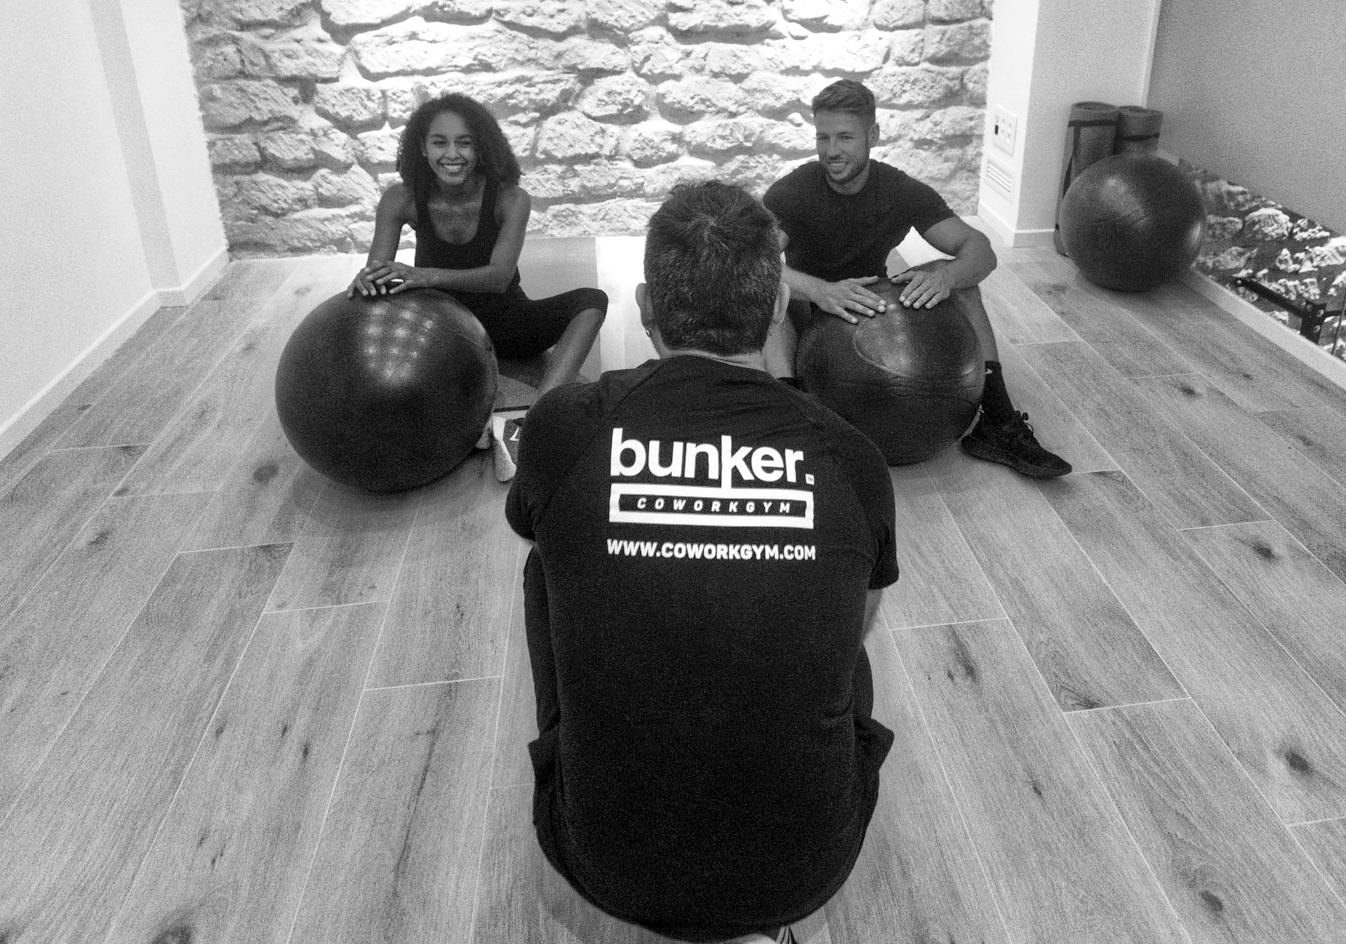 bunker entrenamiento personal